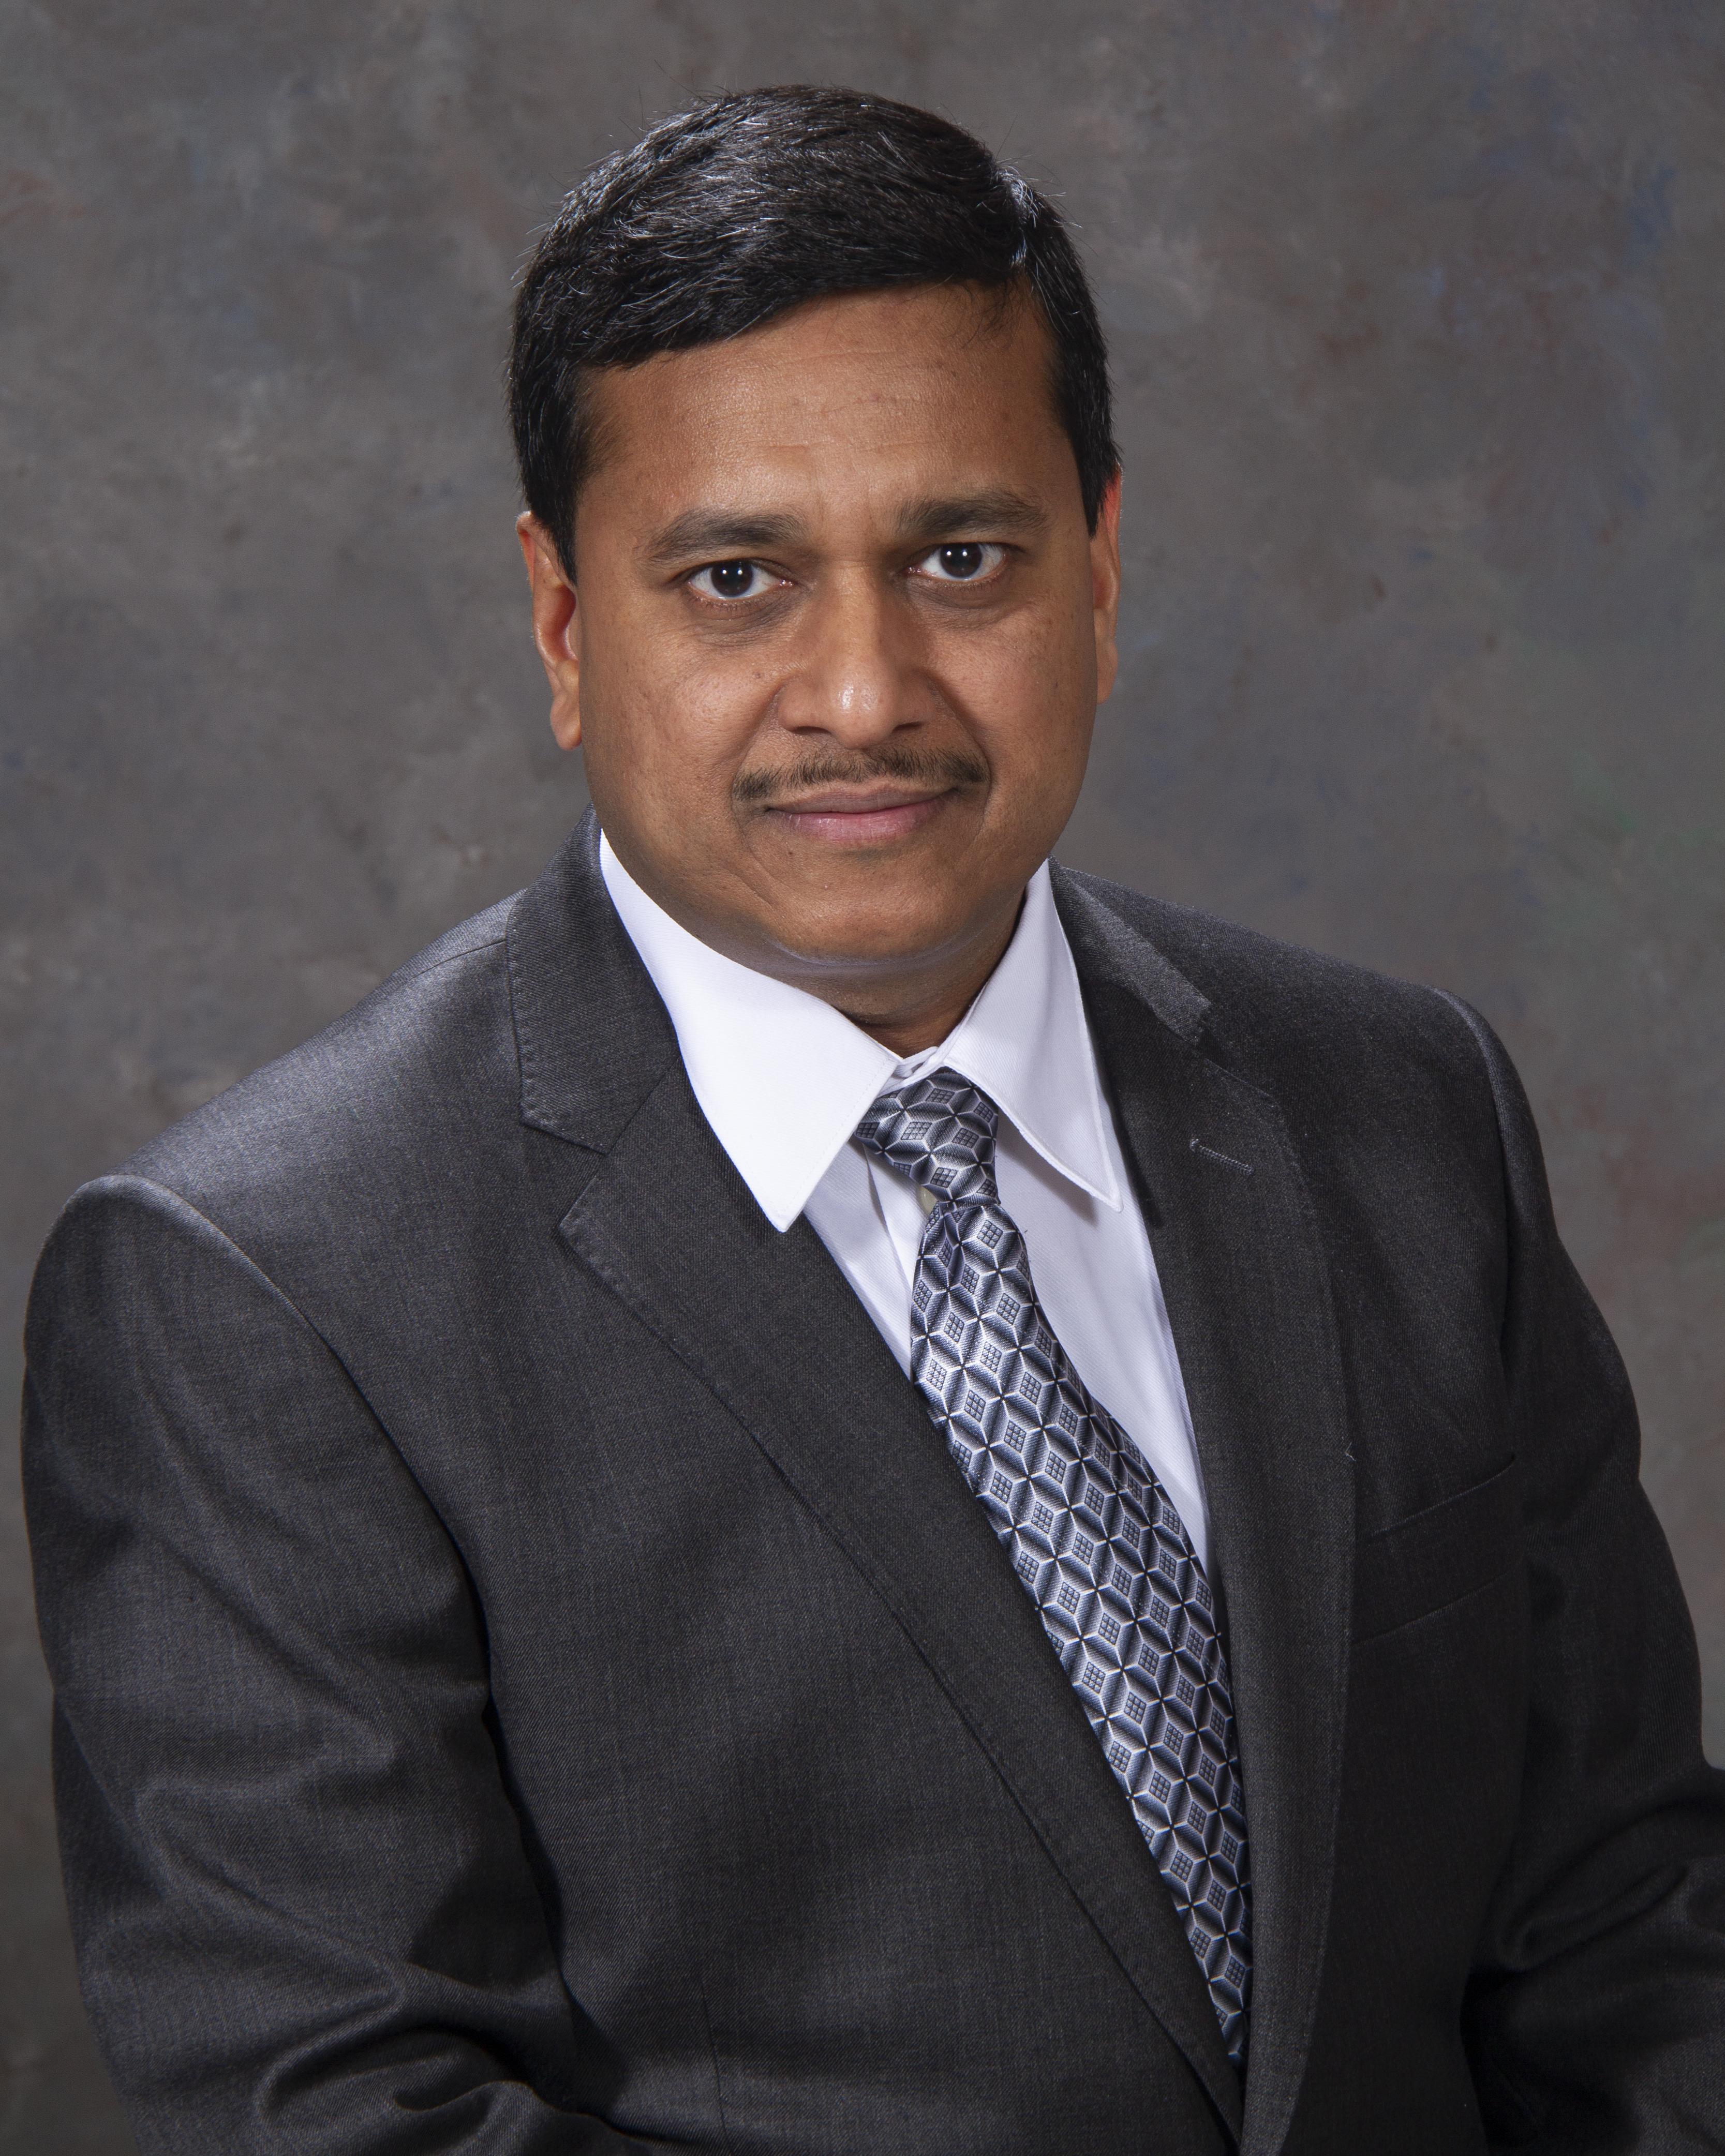 Dr. Rajeev Agrawal